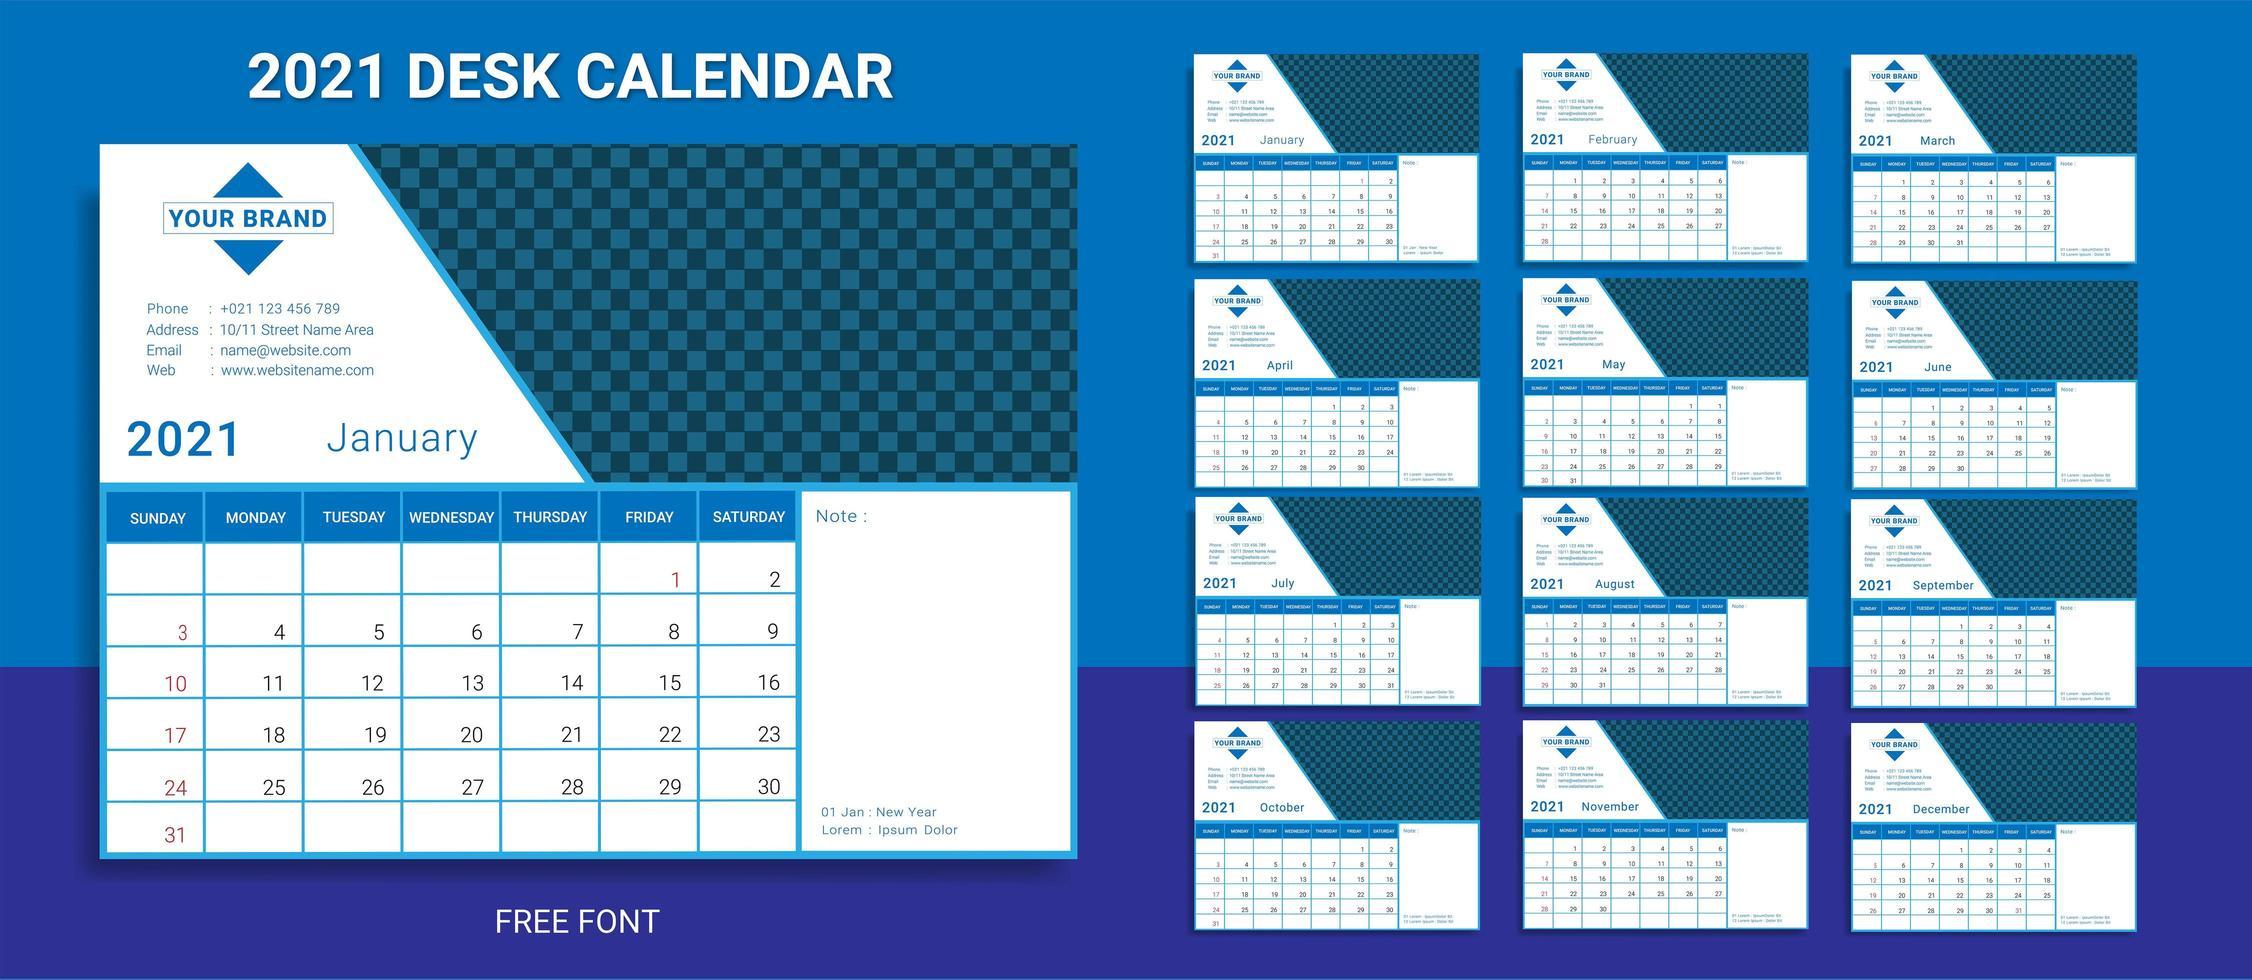 plantilla de calendario de escritorio 2021 vector